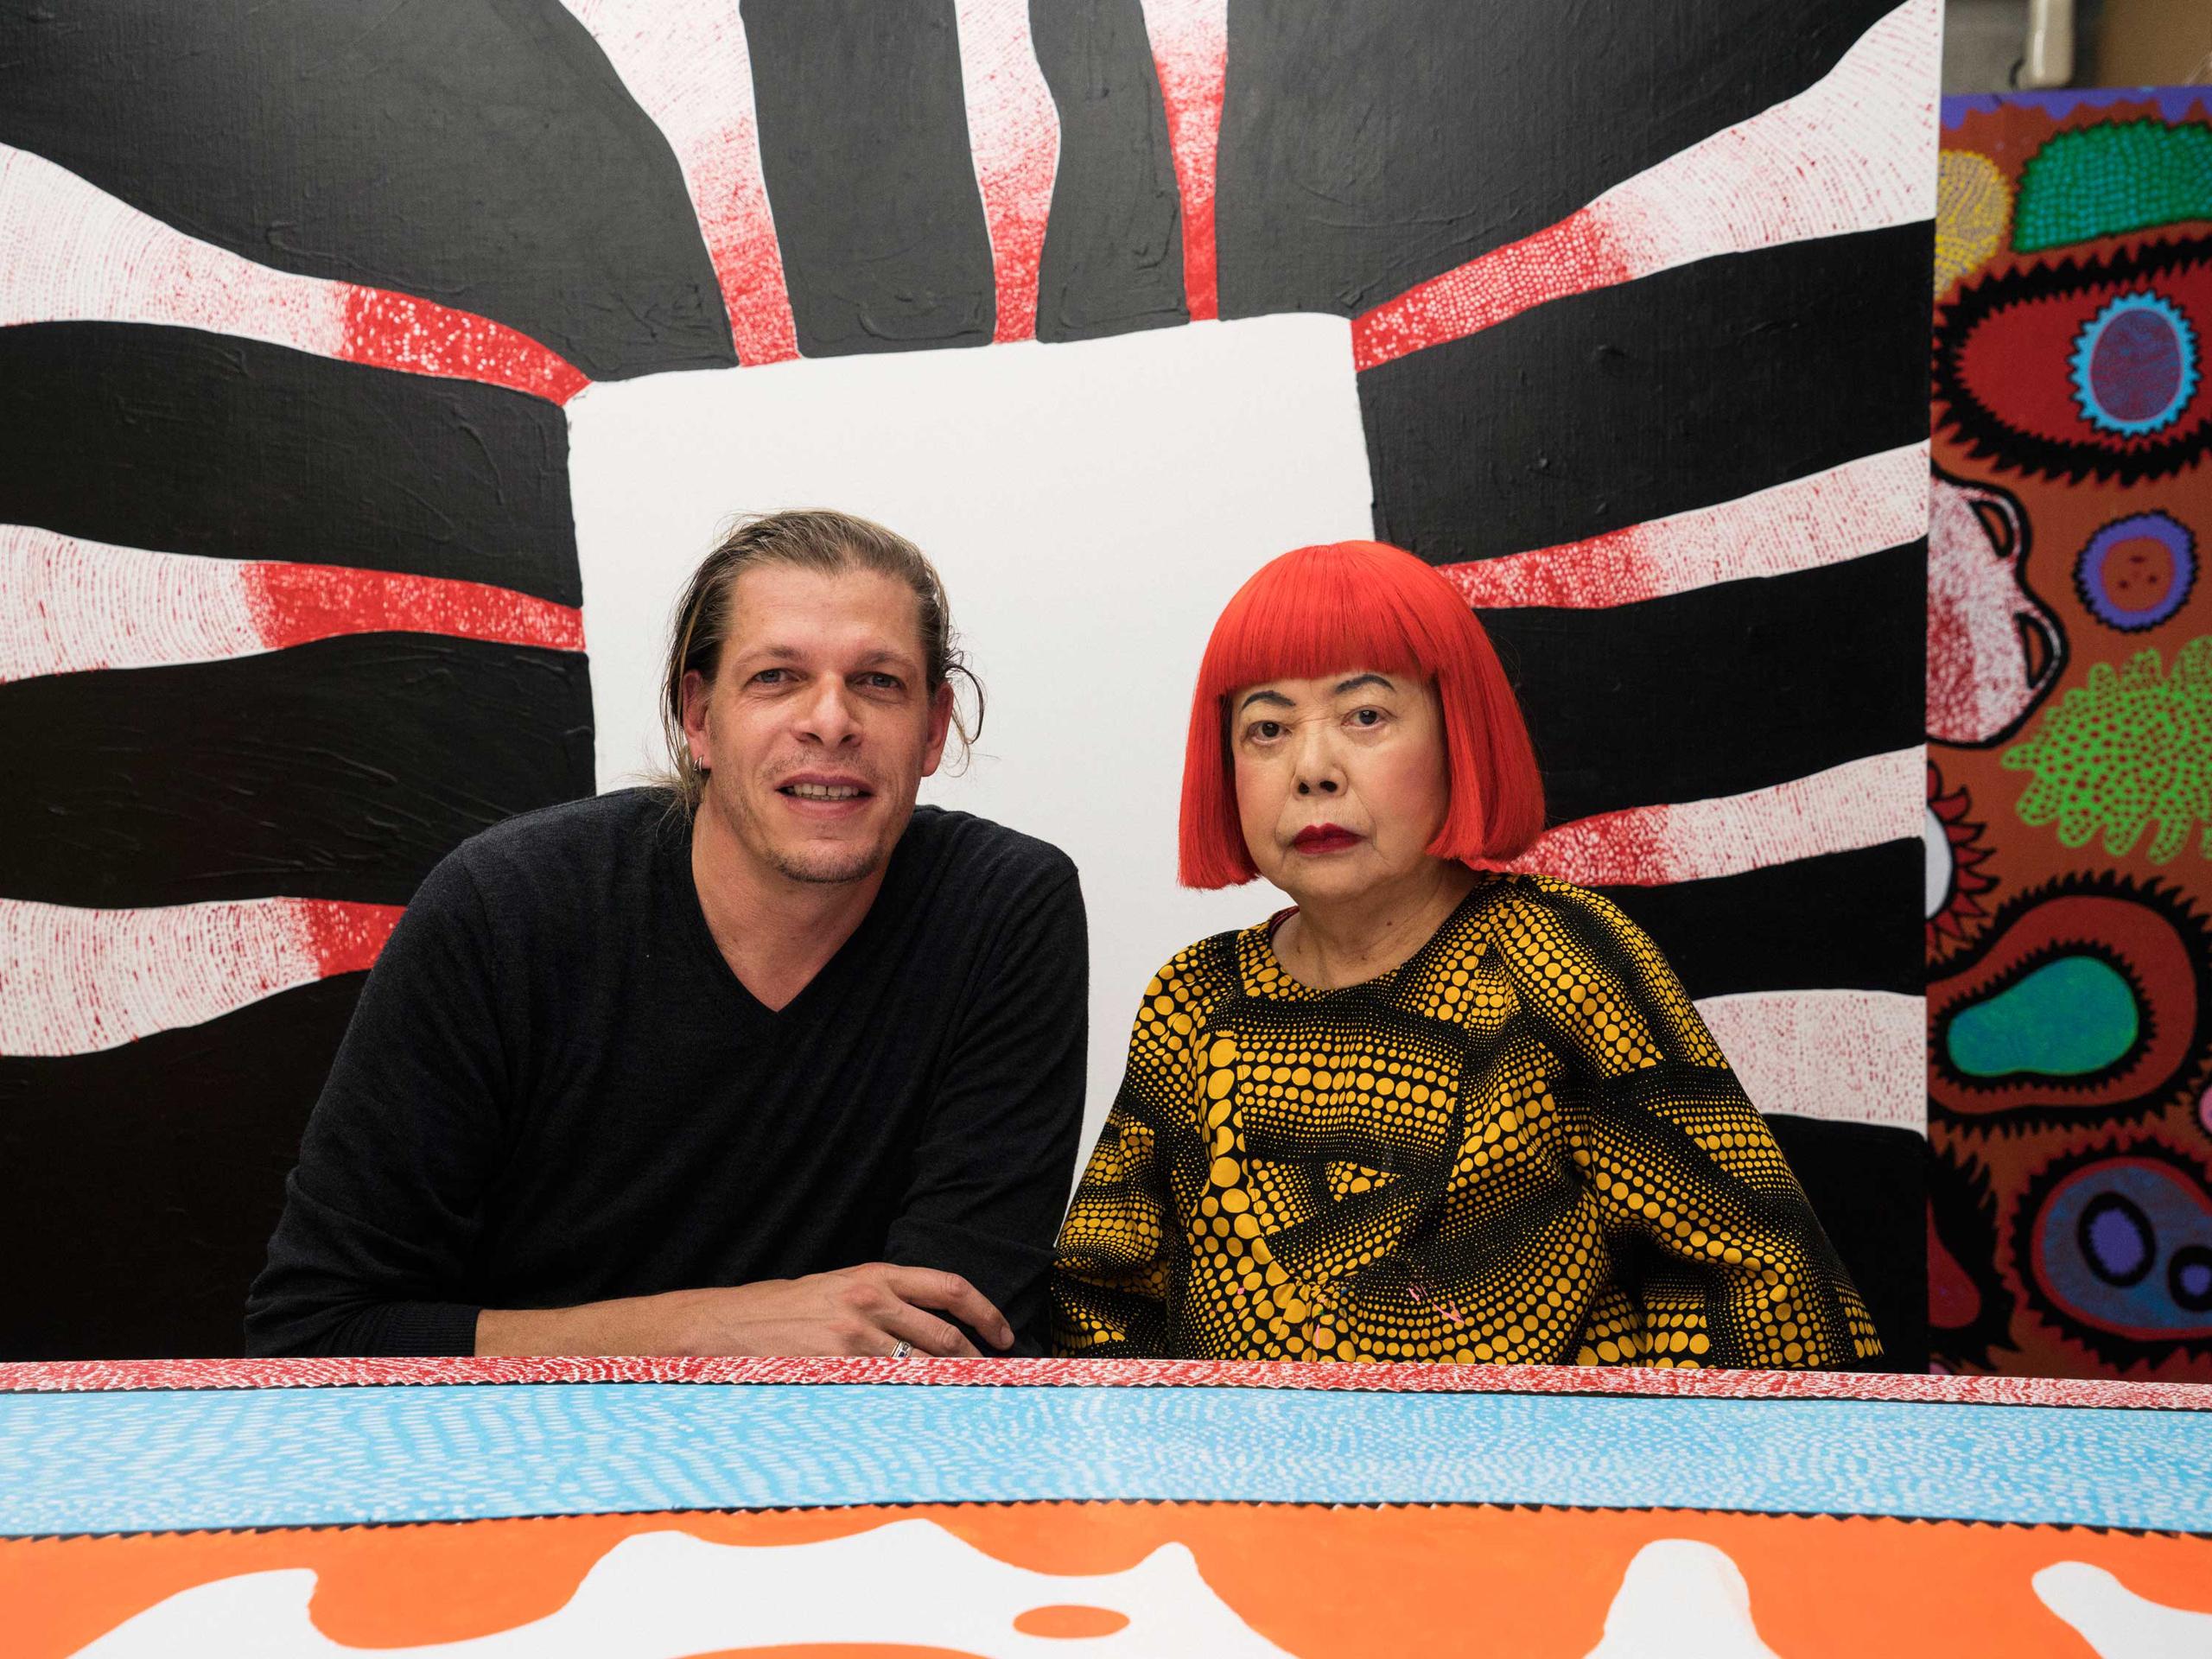 Alex Majoli with Yayoi Kusama at her studio.